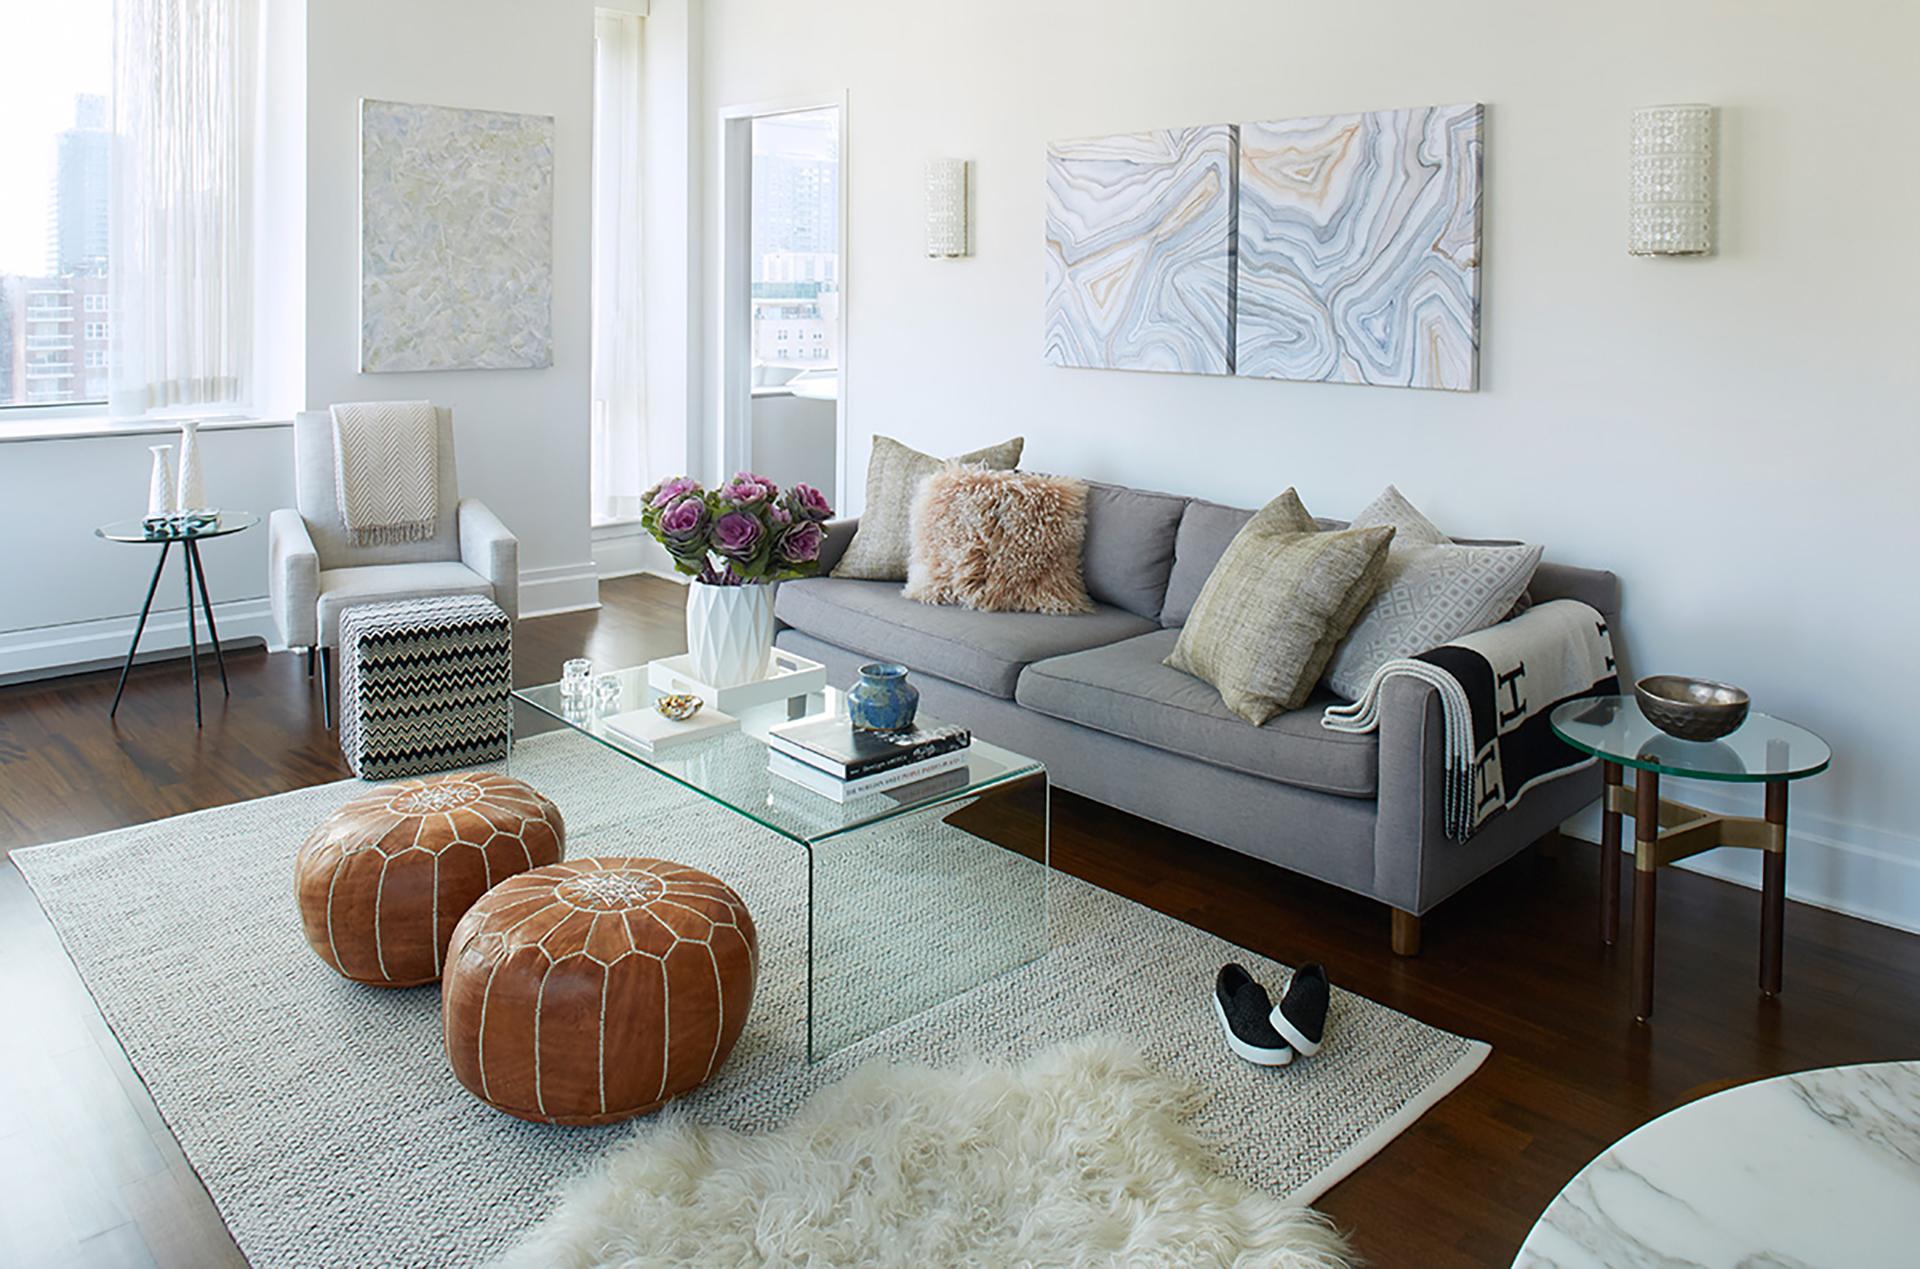 Light Filled Family Home • 300 E 77th St New York